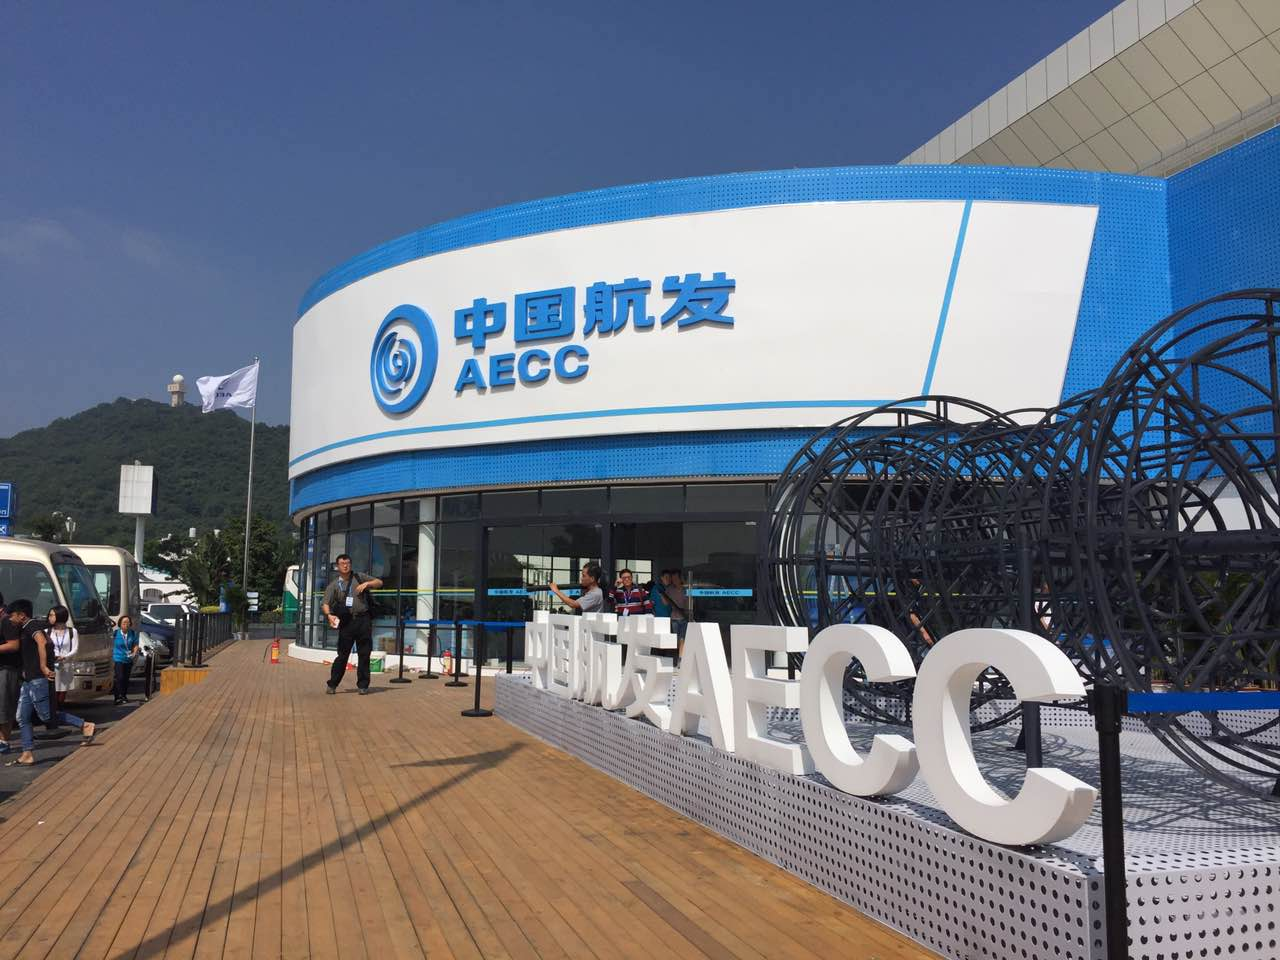 中国航展官网_中国航发集团官网_中国航发集团领导_微信公众号文章